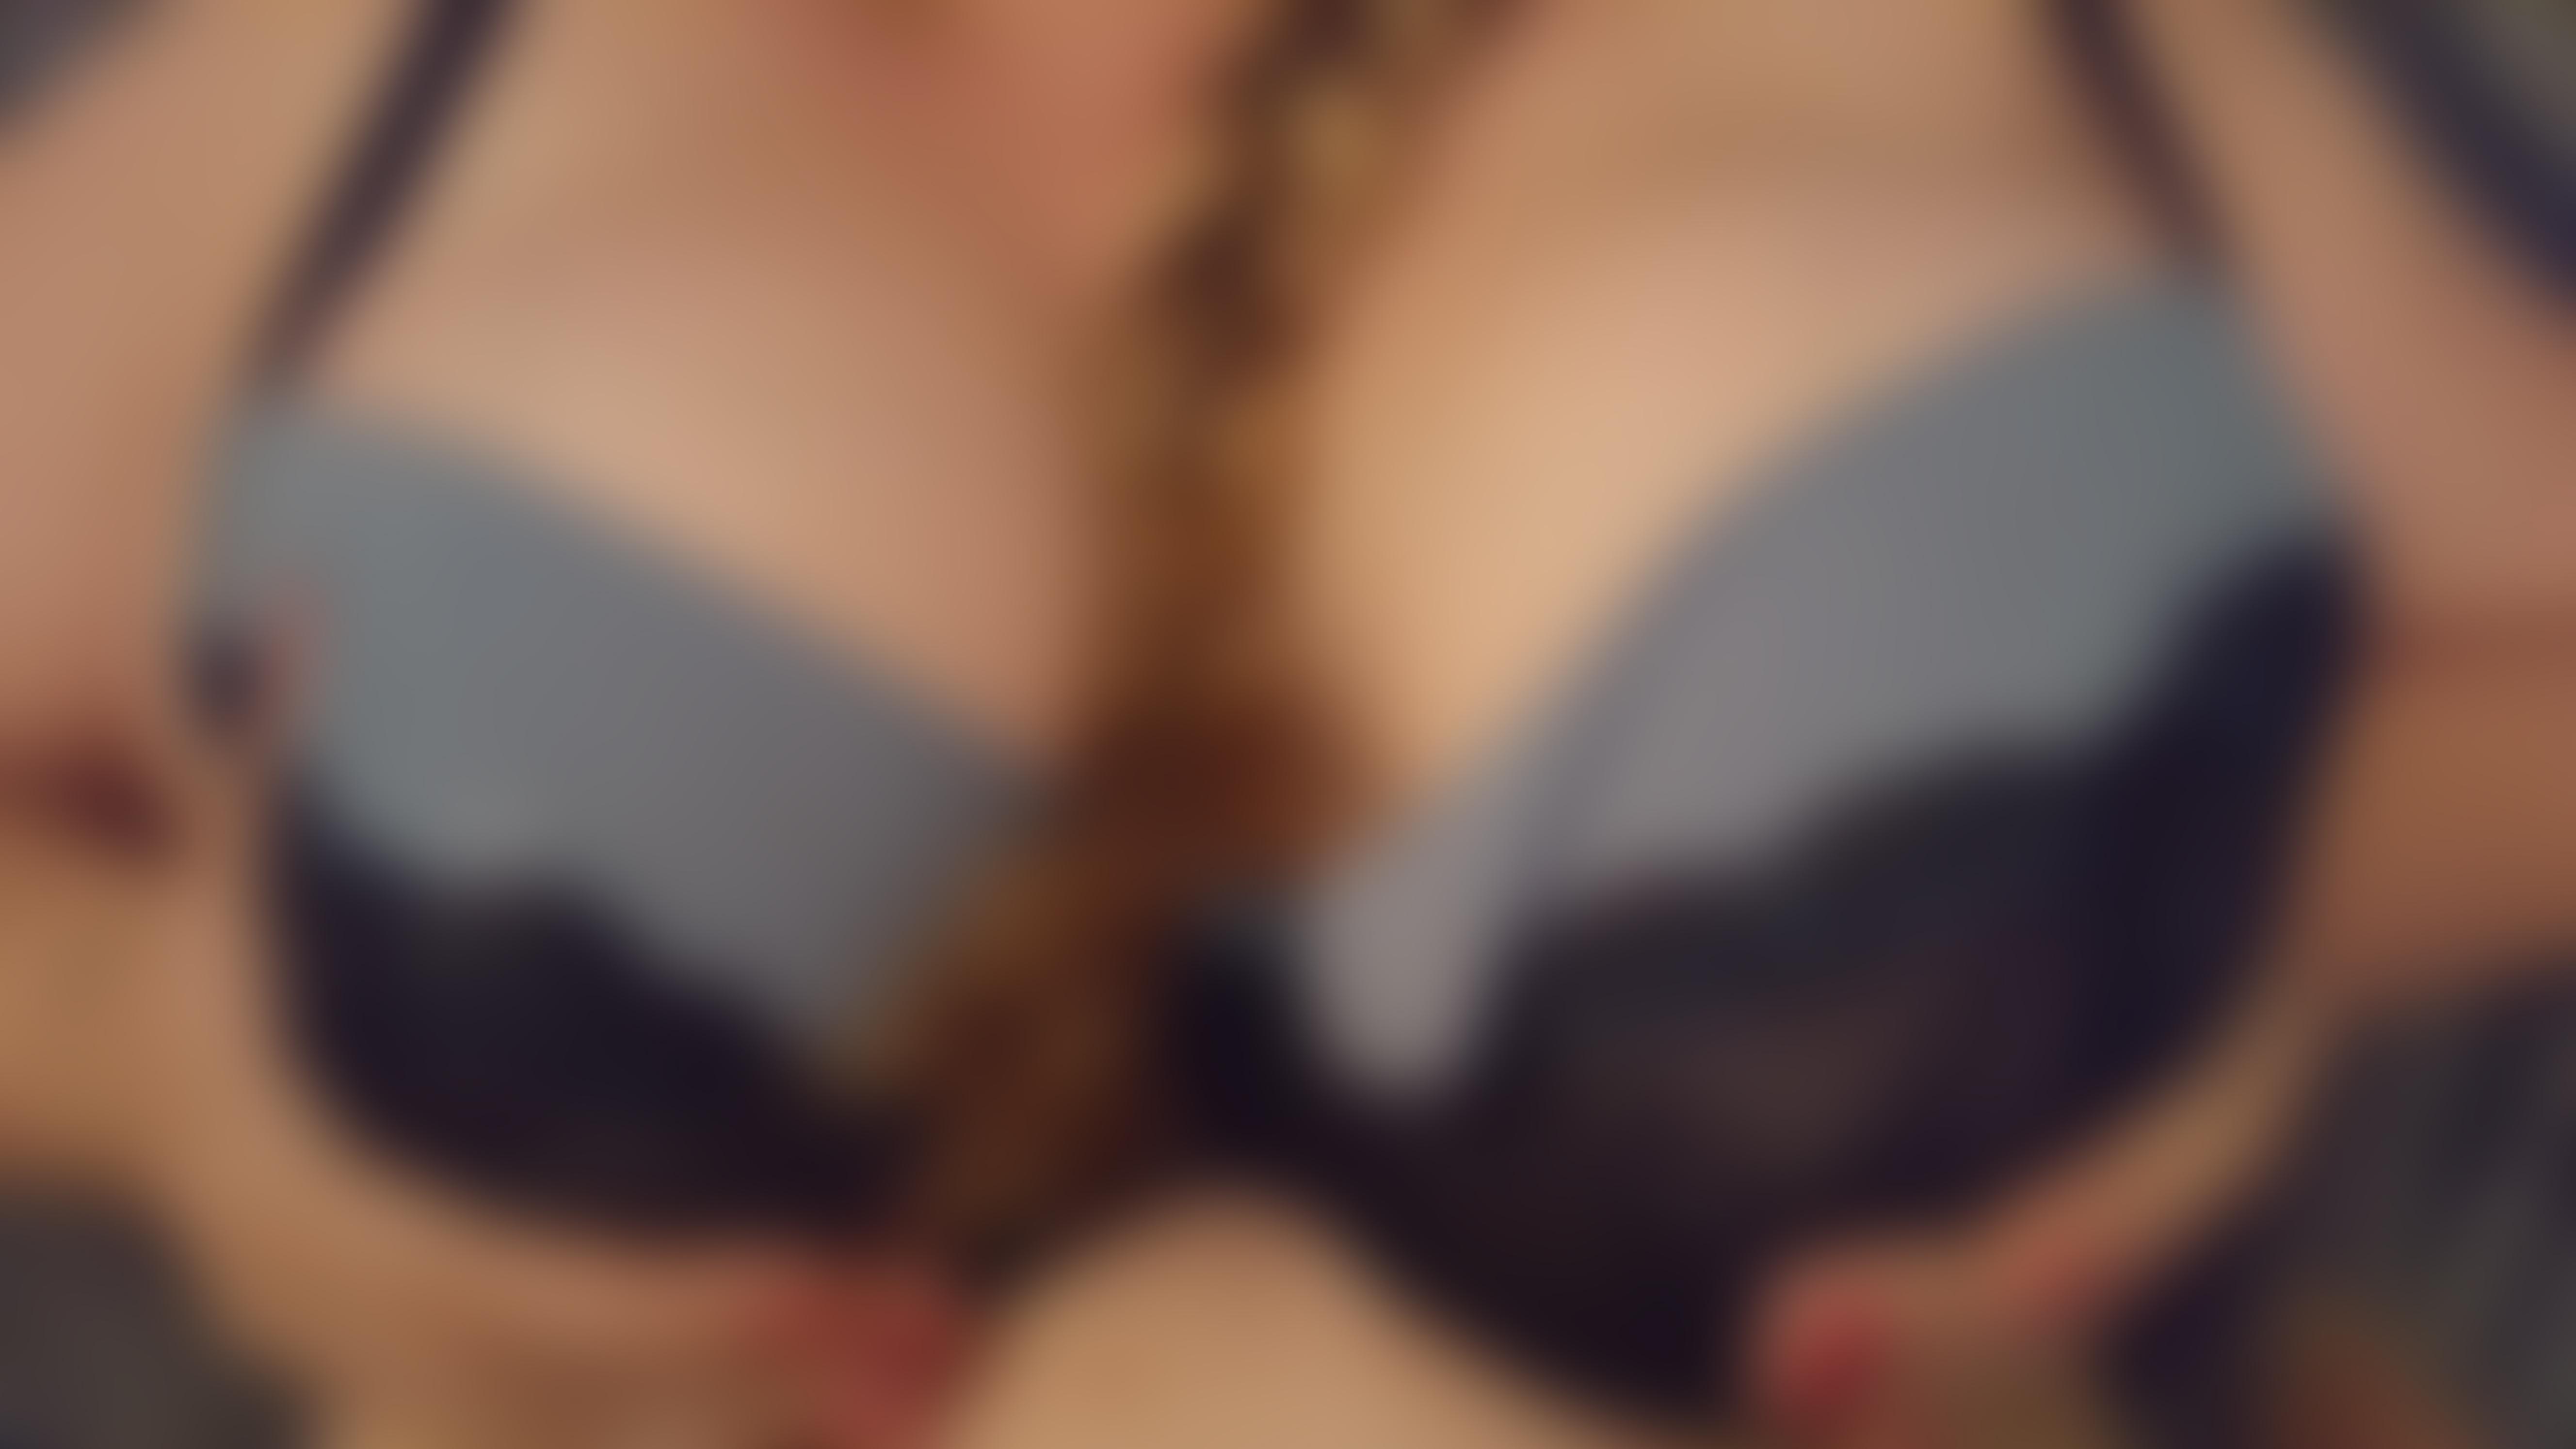 heerlijke borsten kinky femke